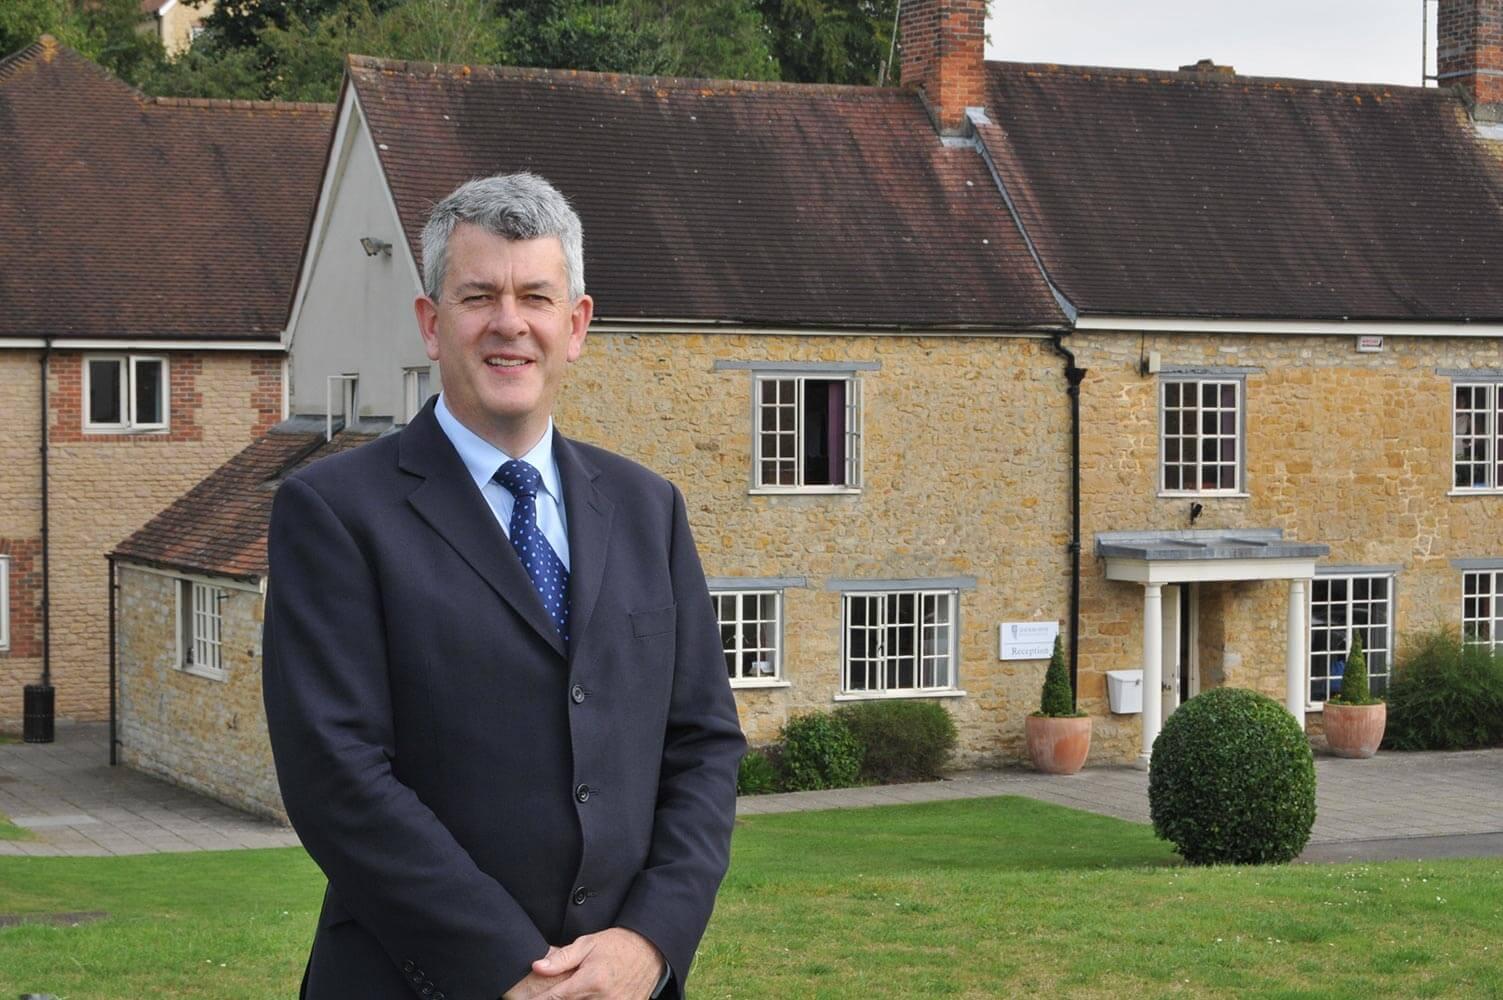 Tim Waters, Principal of Sherborne International School